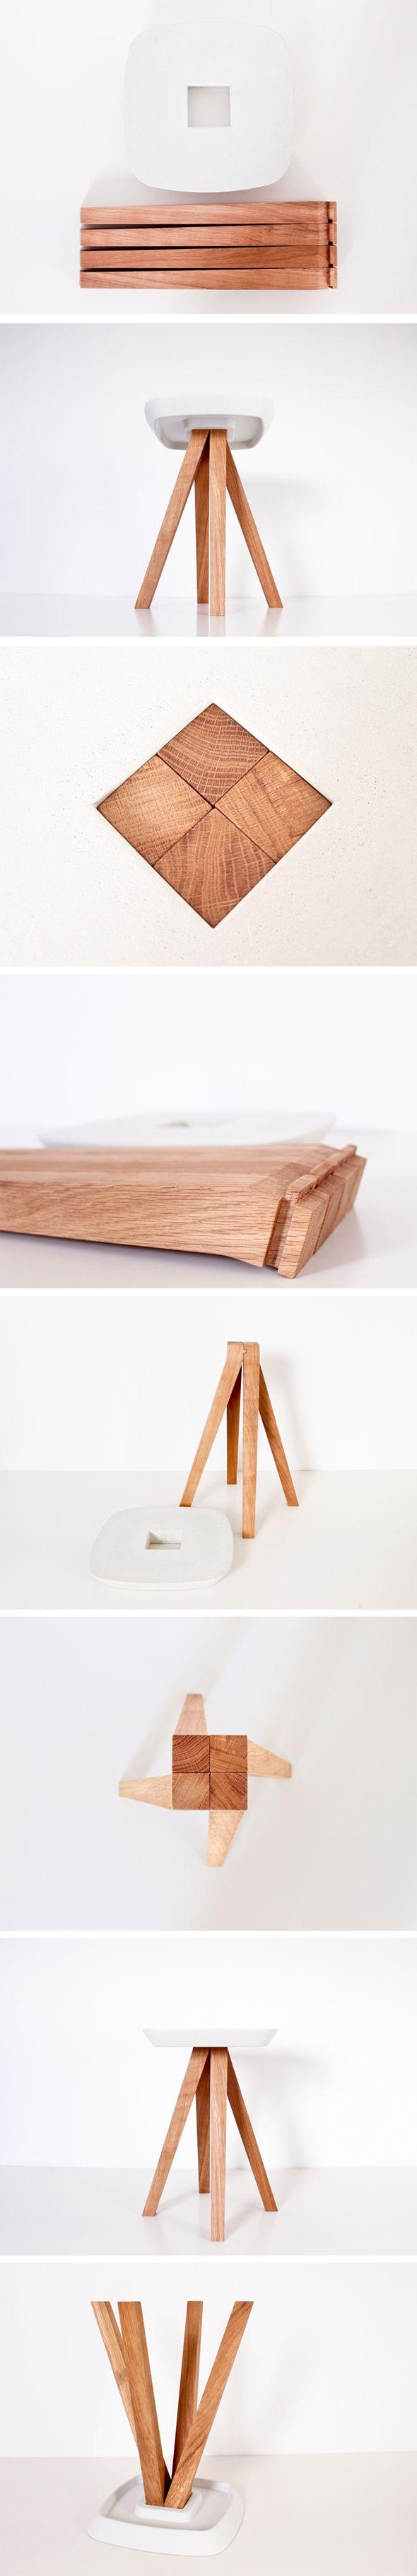 Tabouret-Ydin-inoow- bois mêlé au béton, association d'industriel et de naturel, de minéral et de végétal, de froid et de chaleur. , livré en kit et s'assemble en toute simplicité. Les pieds s'encastre/ s'emboîte sans ordre précis.  Matériaux: béton fibré, bois soit chêne ou frêne récupéré chez un fabricant d'escaliers. #MONTAGE #NATUREL